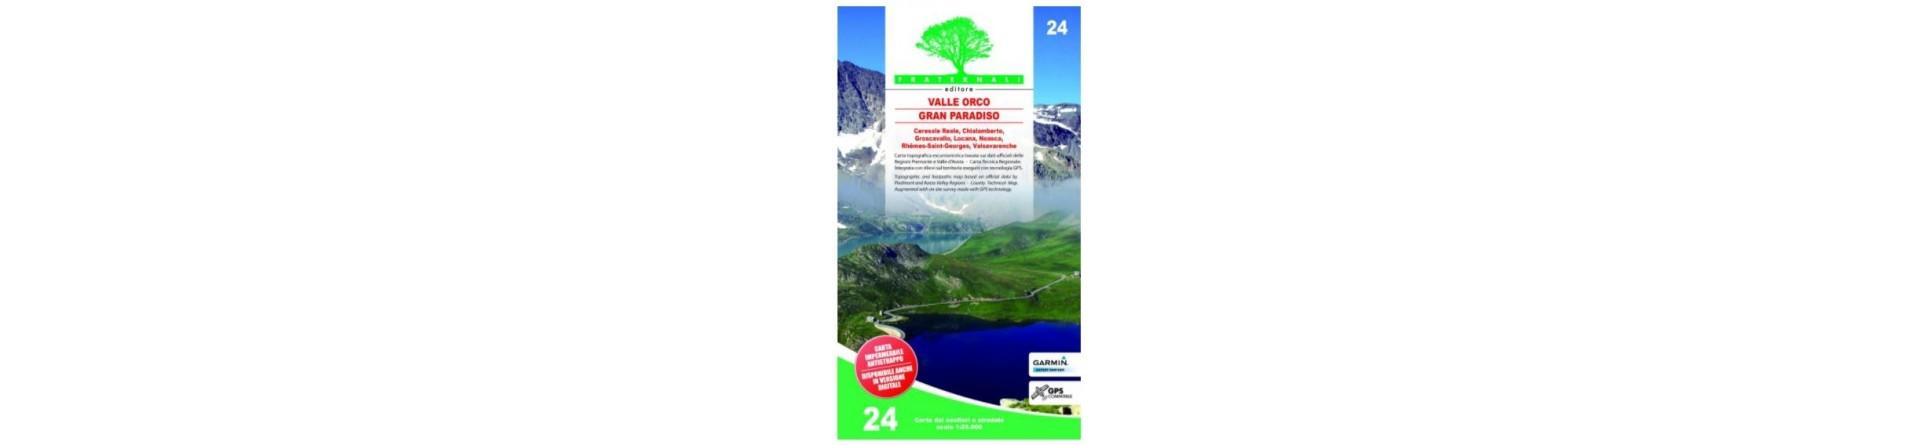 Mappe da Escursionismo | Giuglar Shop